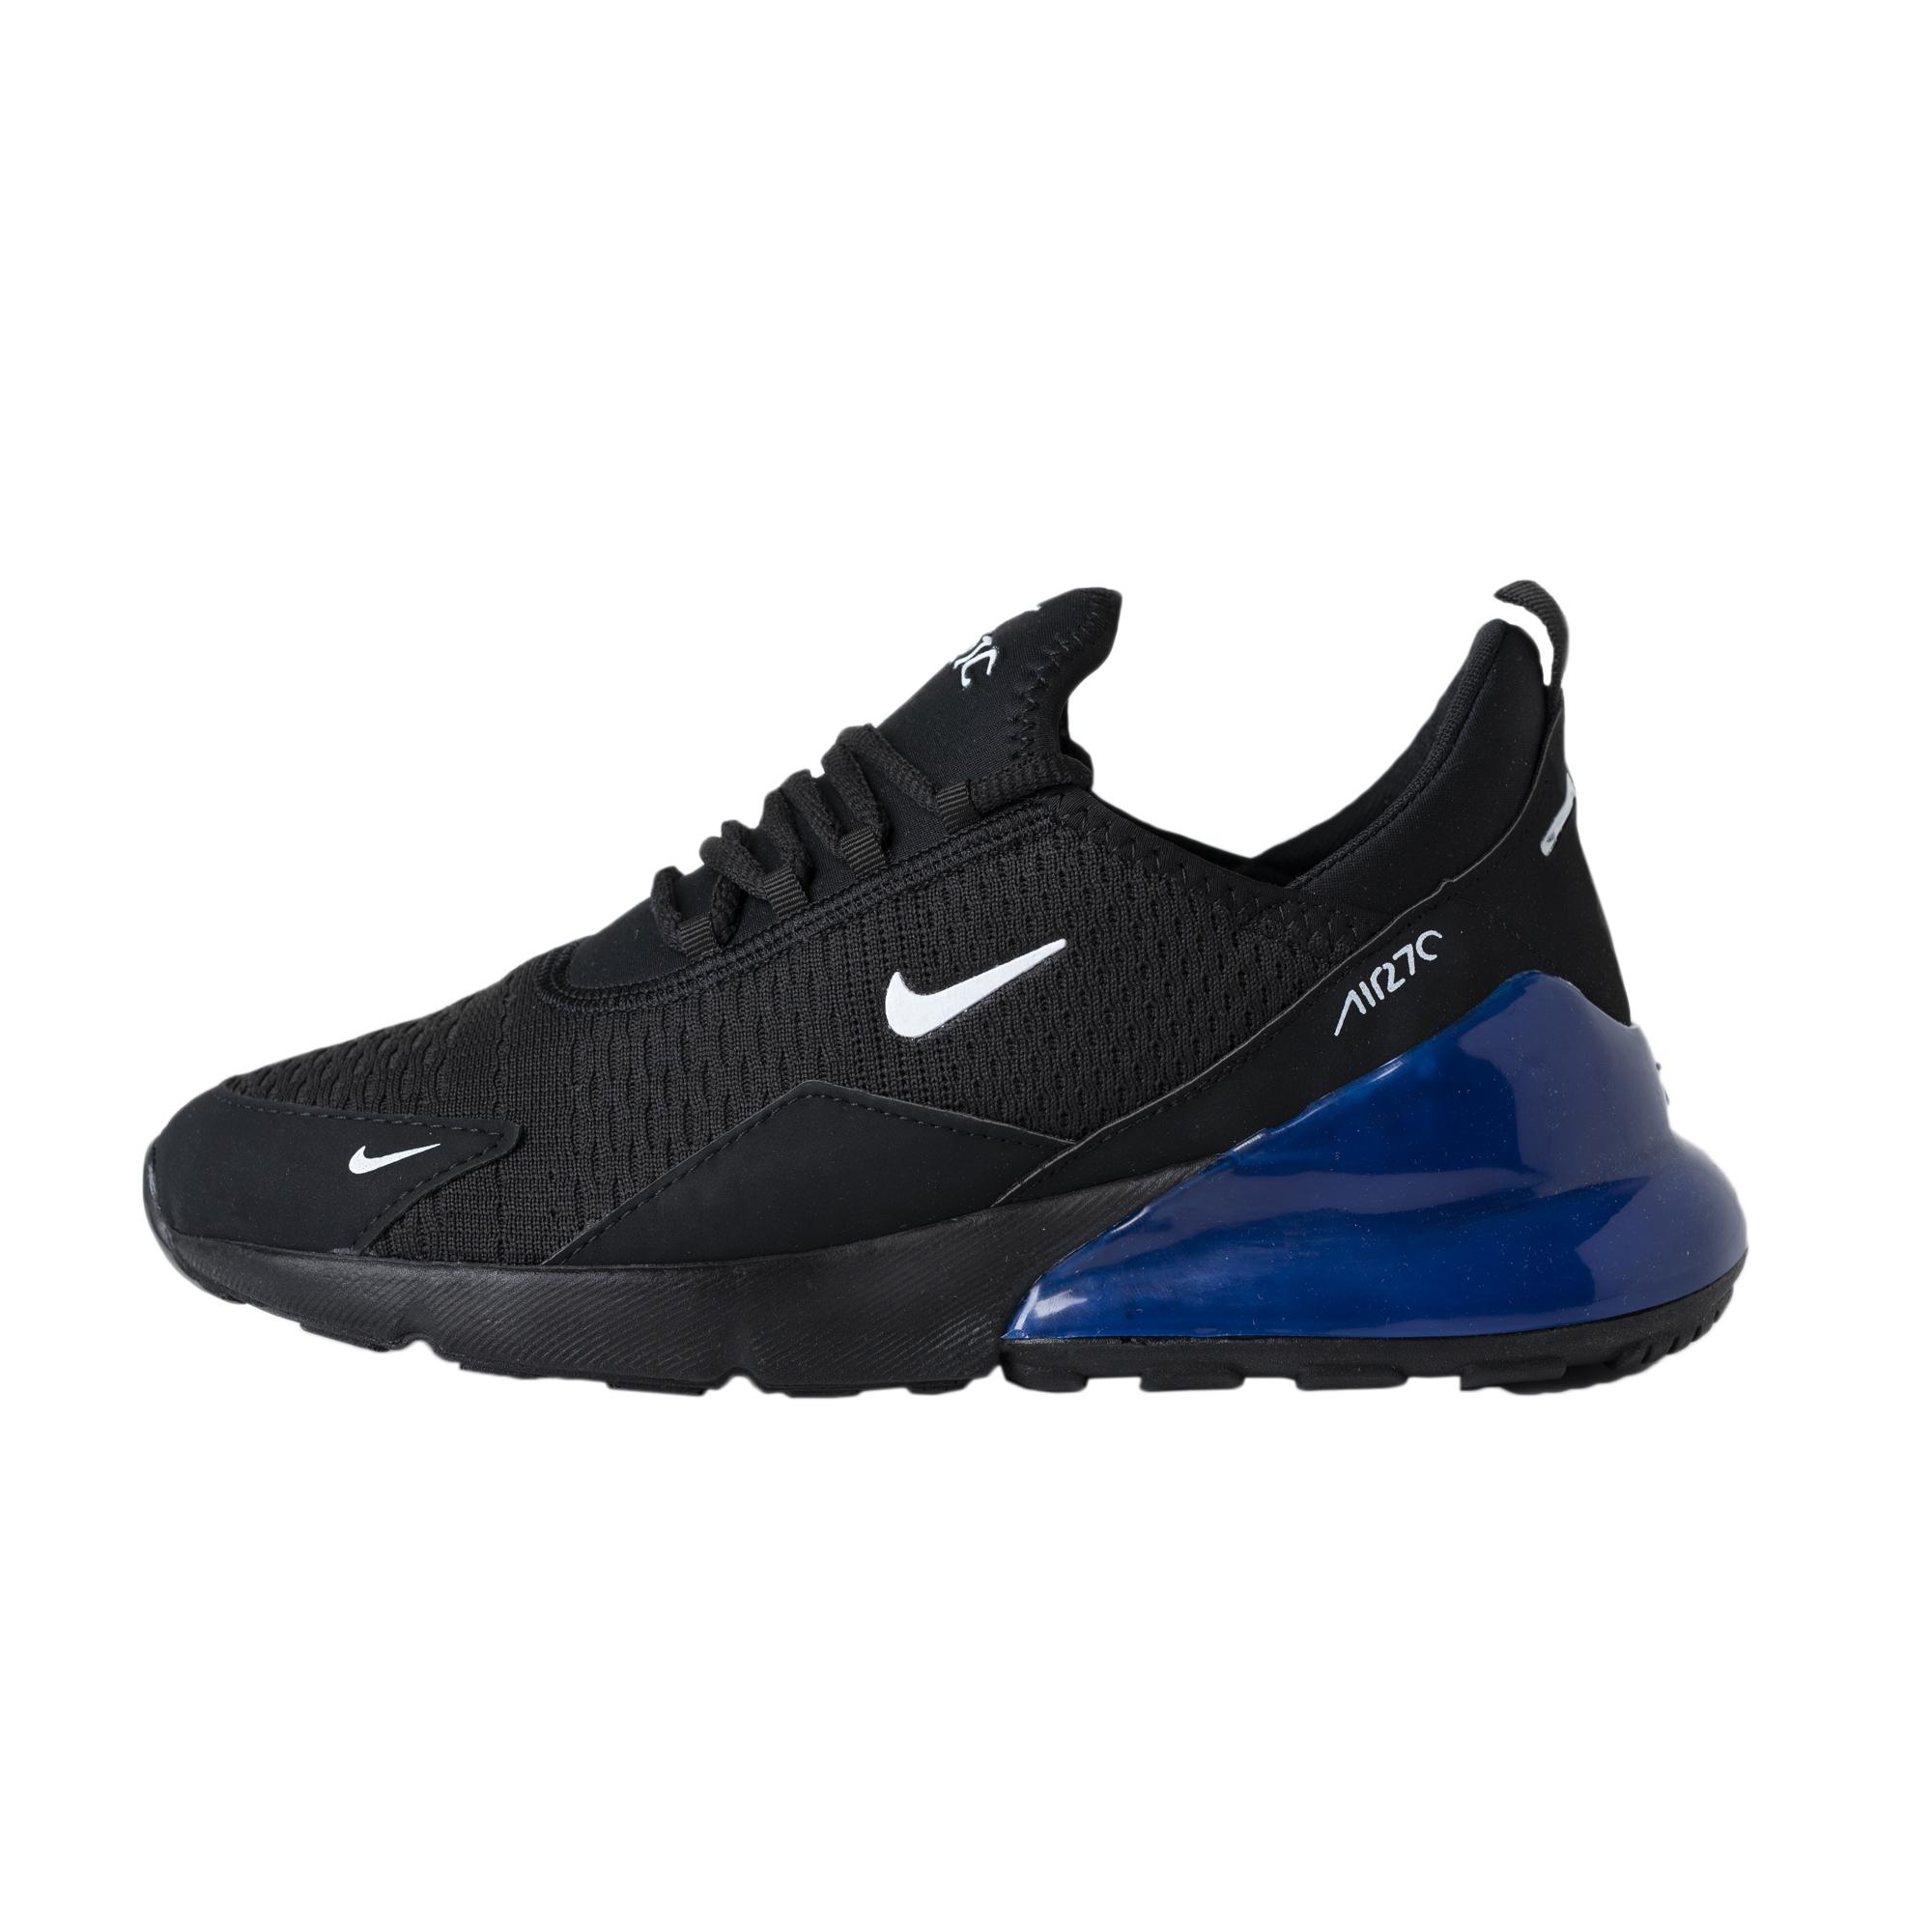 قیمت کفش راحتی مردانه کد 810-541